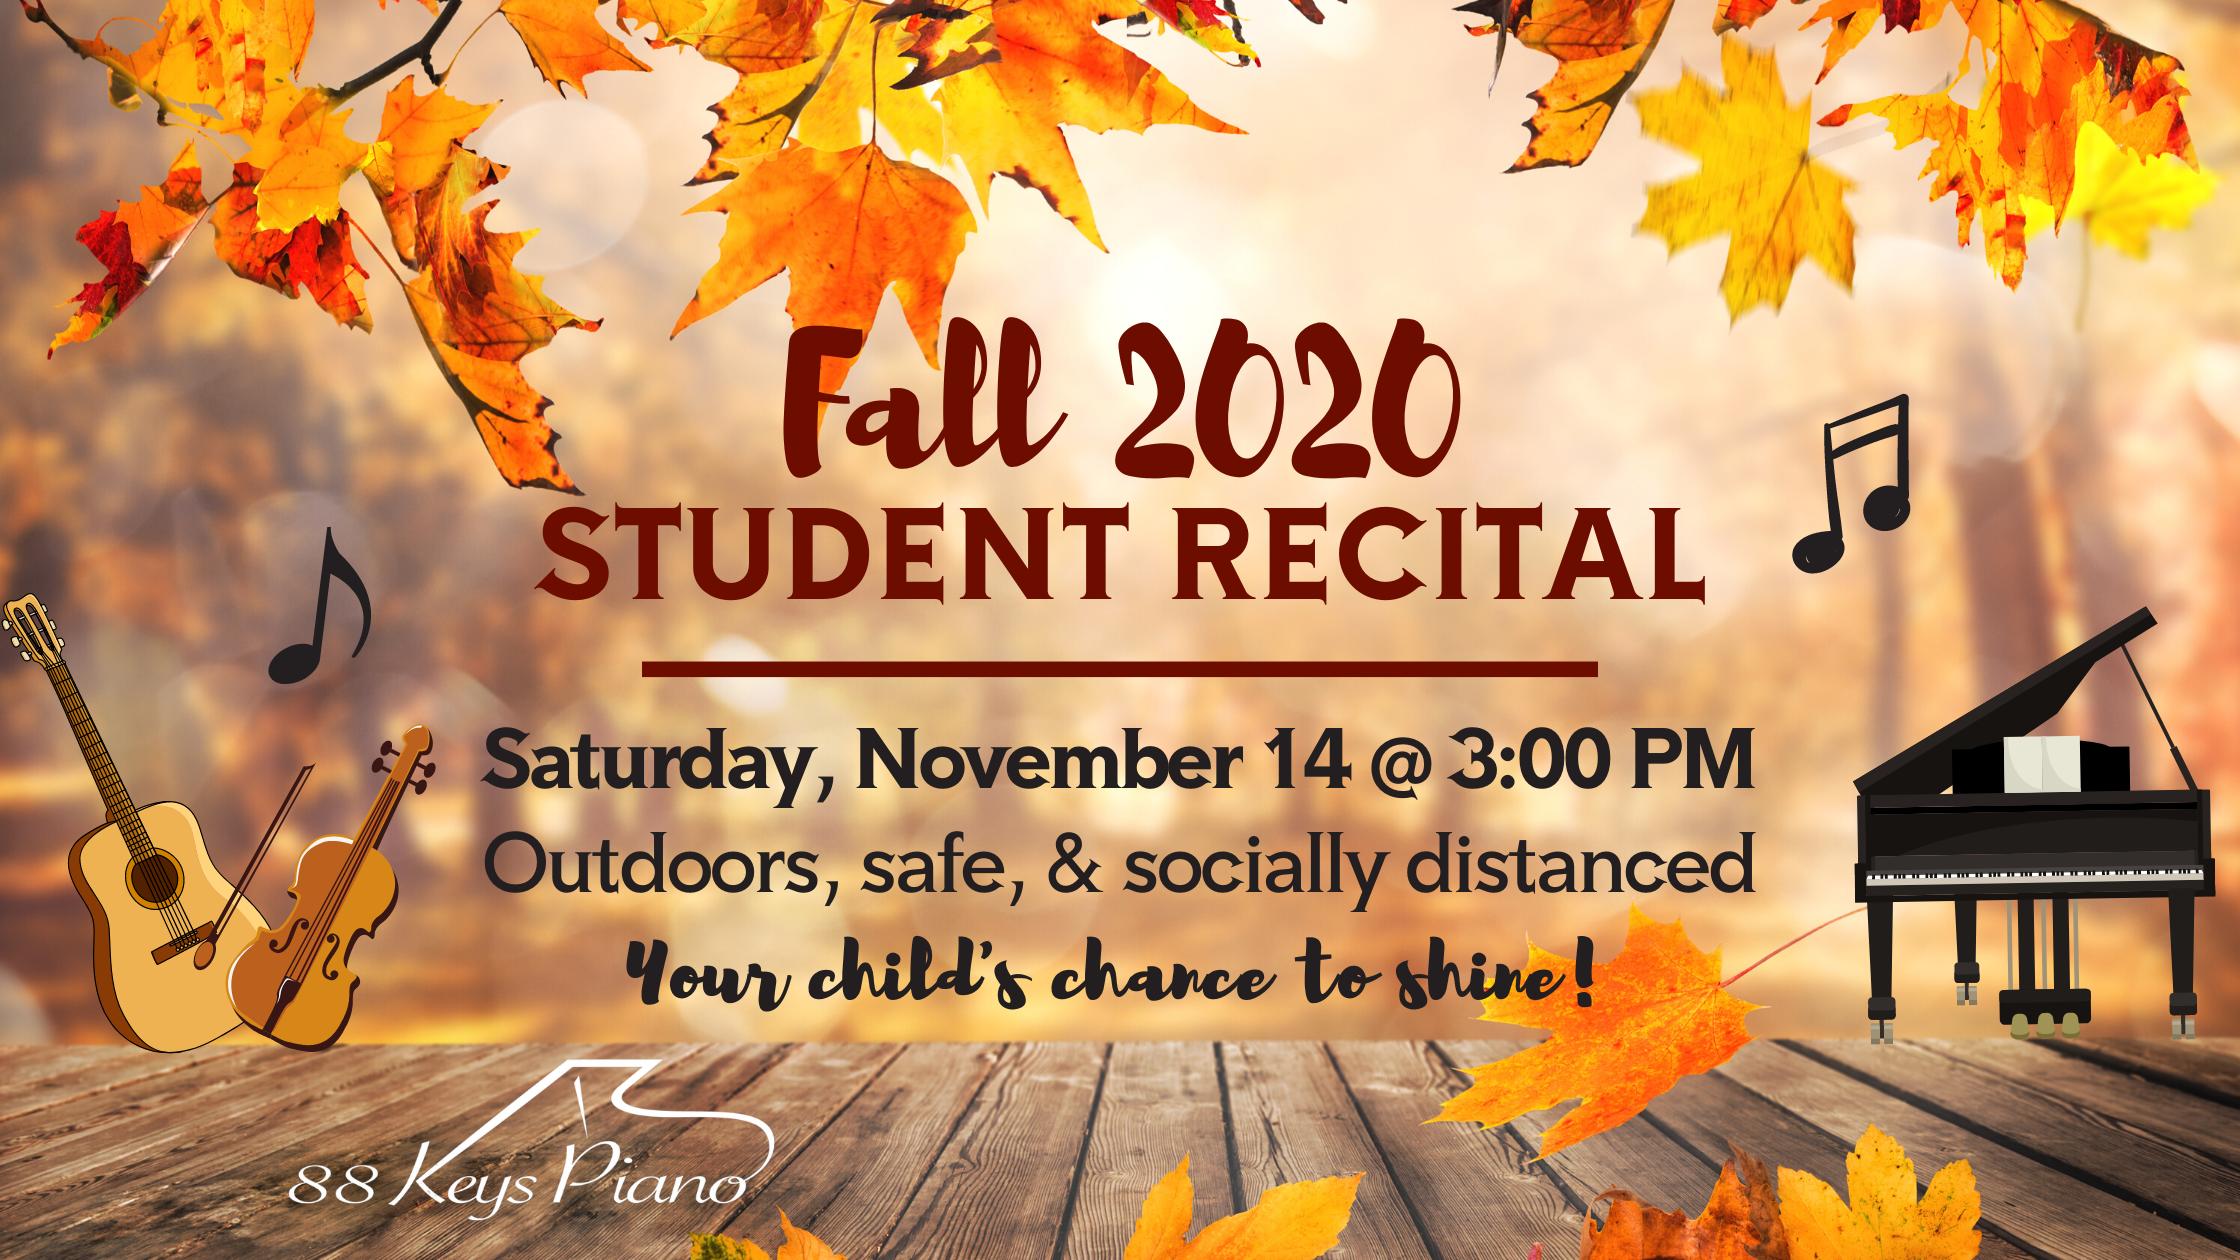 2020 Fall Student Recital